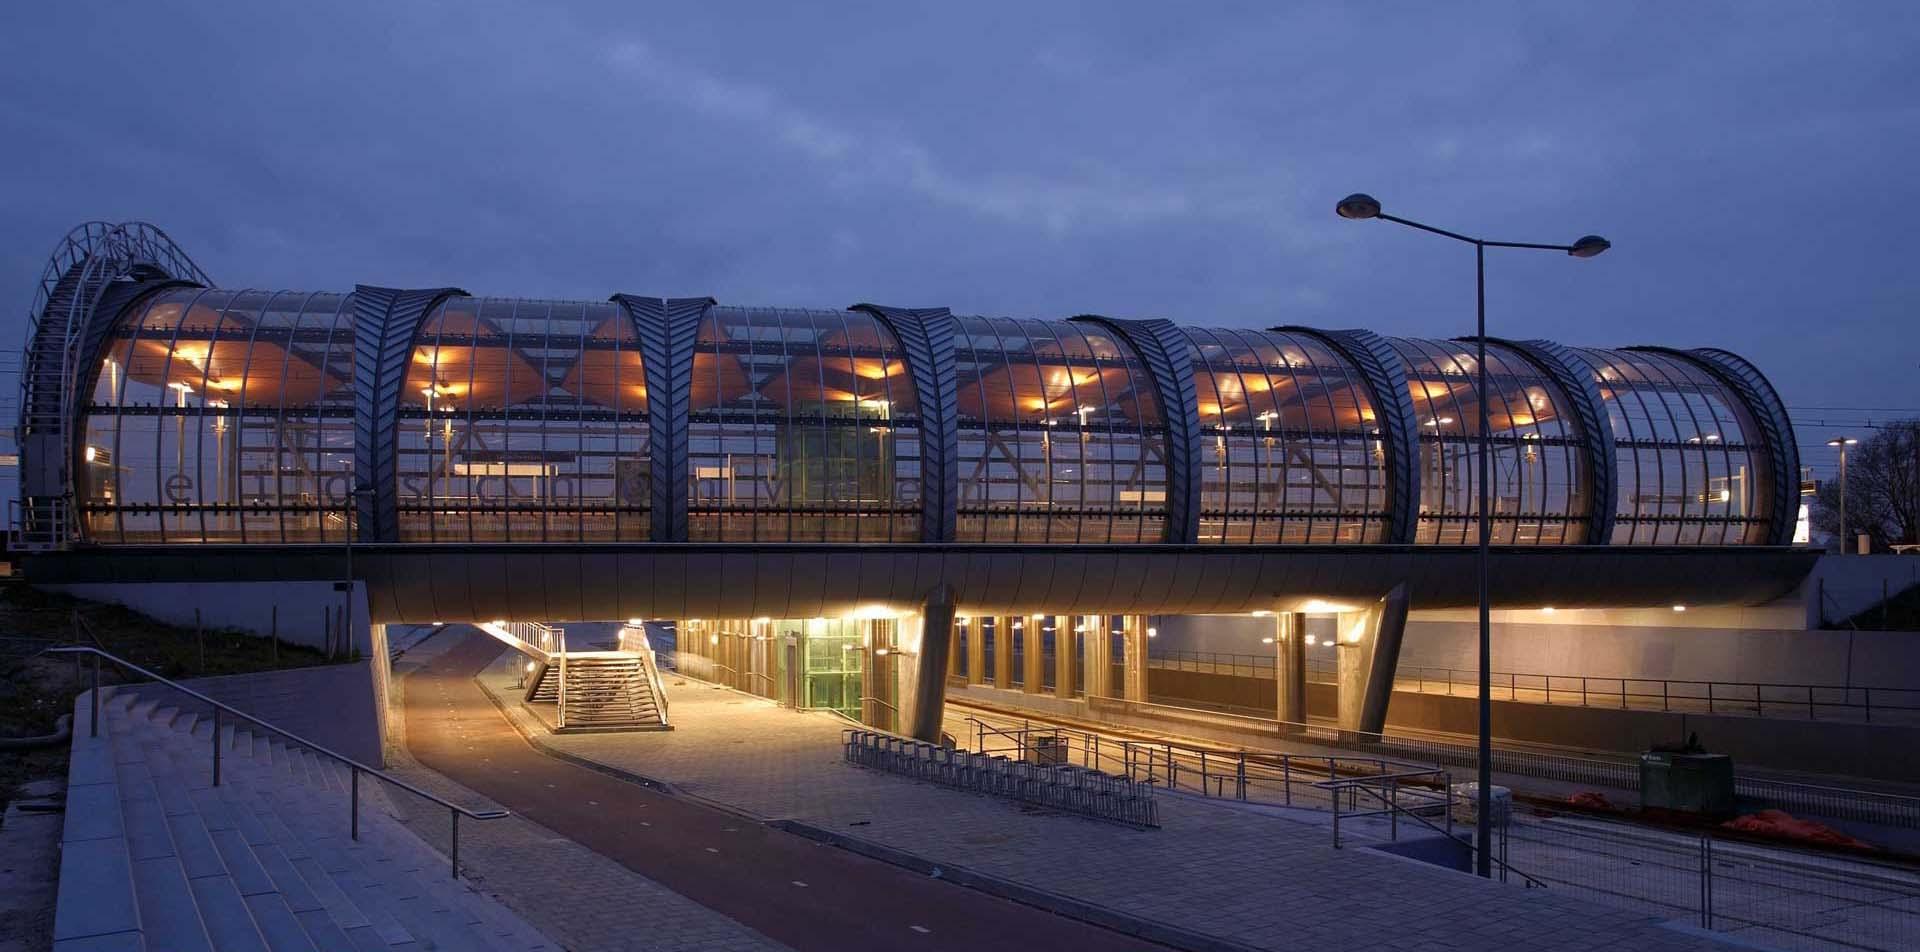 station Leidschenveen